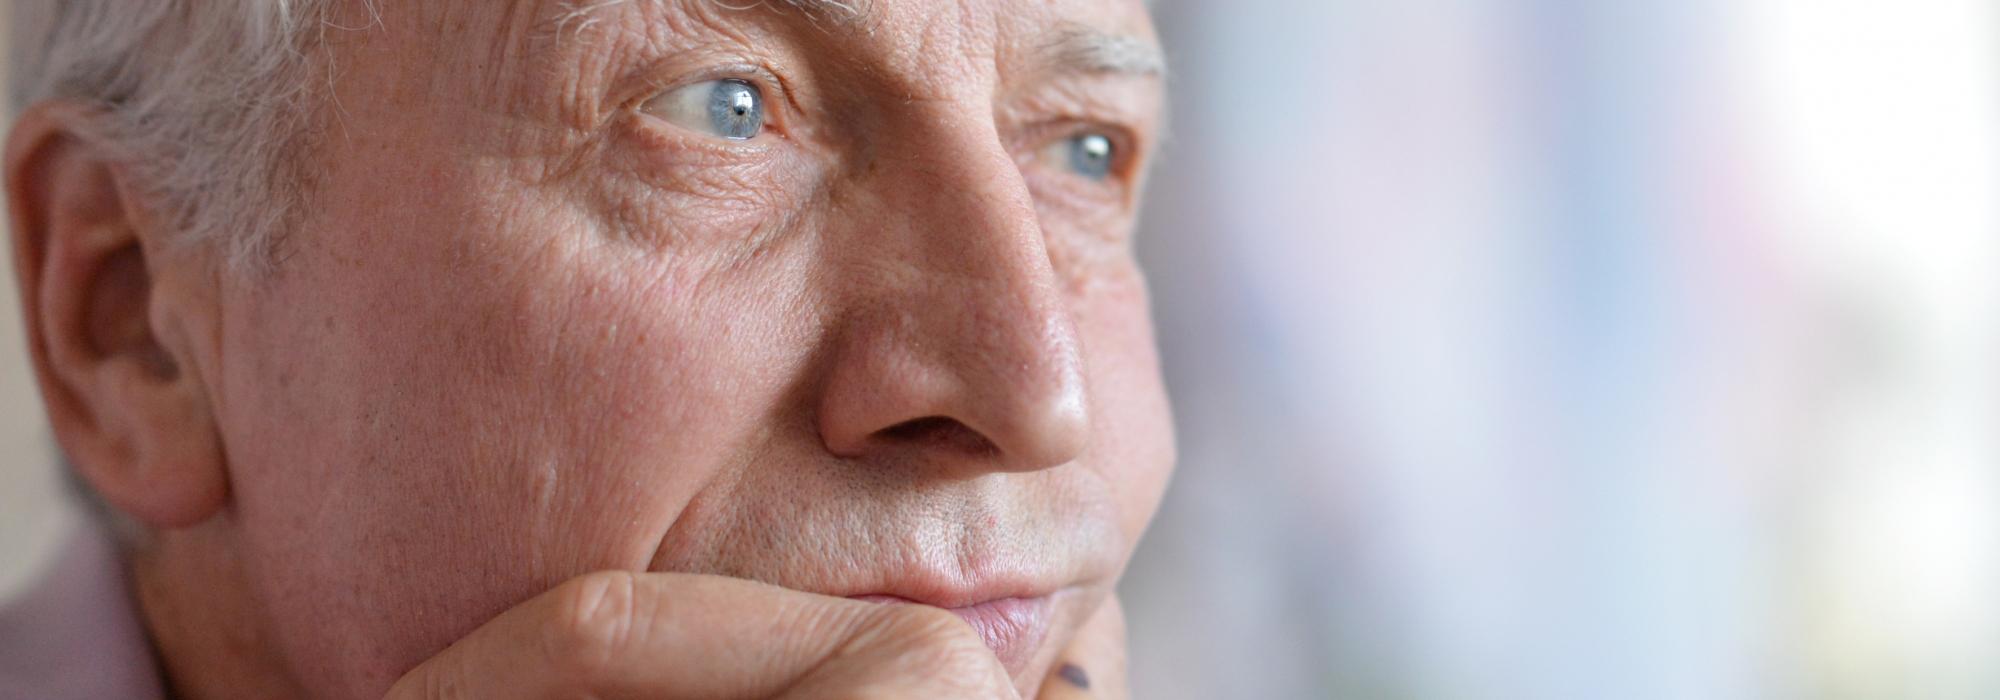 10 minder bekende symptomen van de ziekte van Parkinson